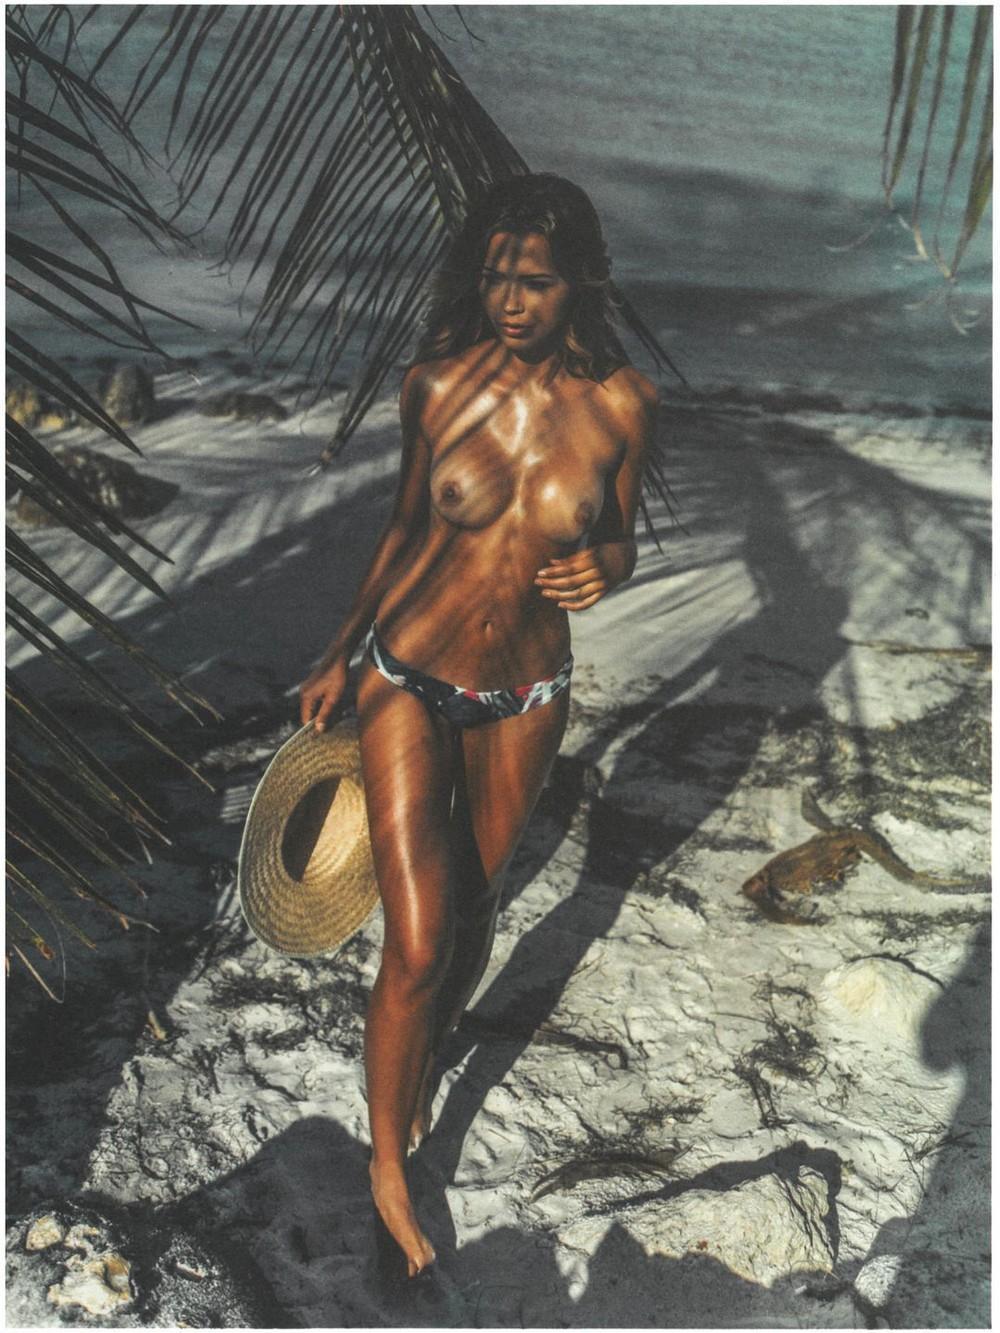 Sandra Kubicka em um ensaio fotográfico sensual 13